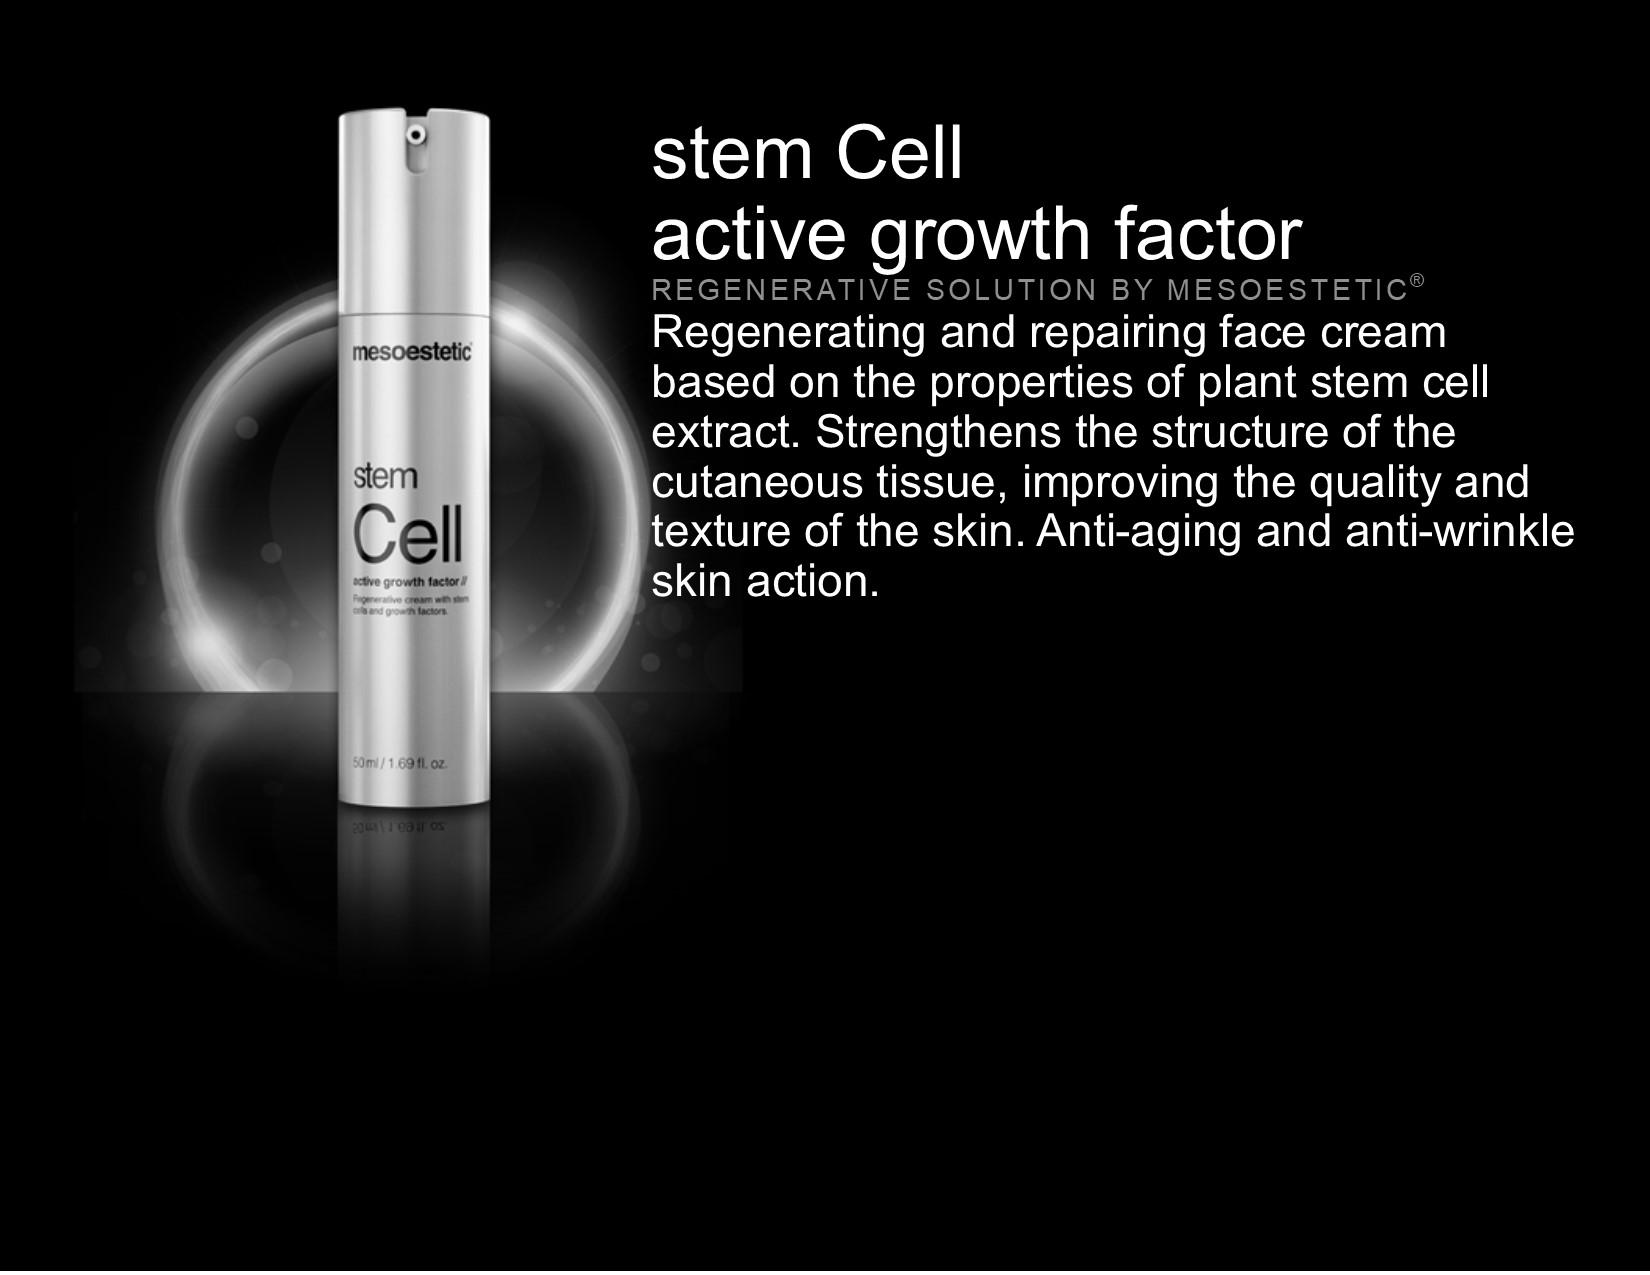 stem-cell-header.jpg